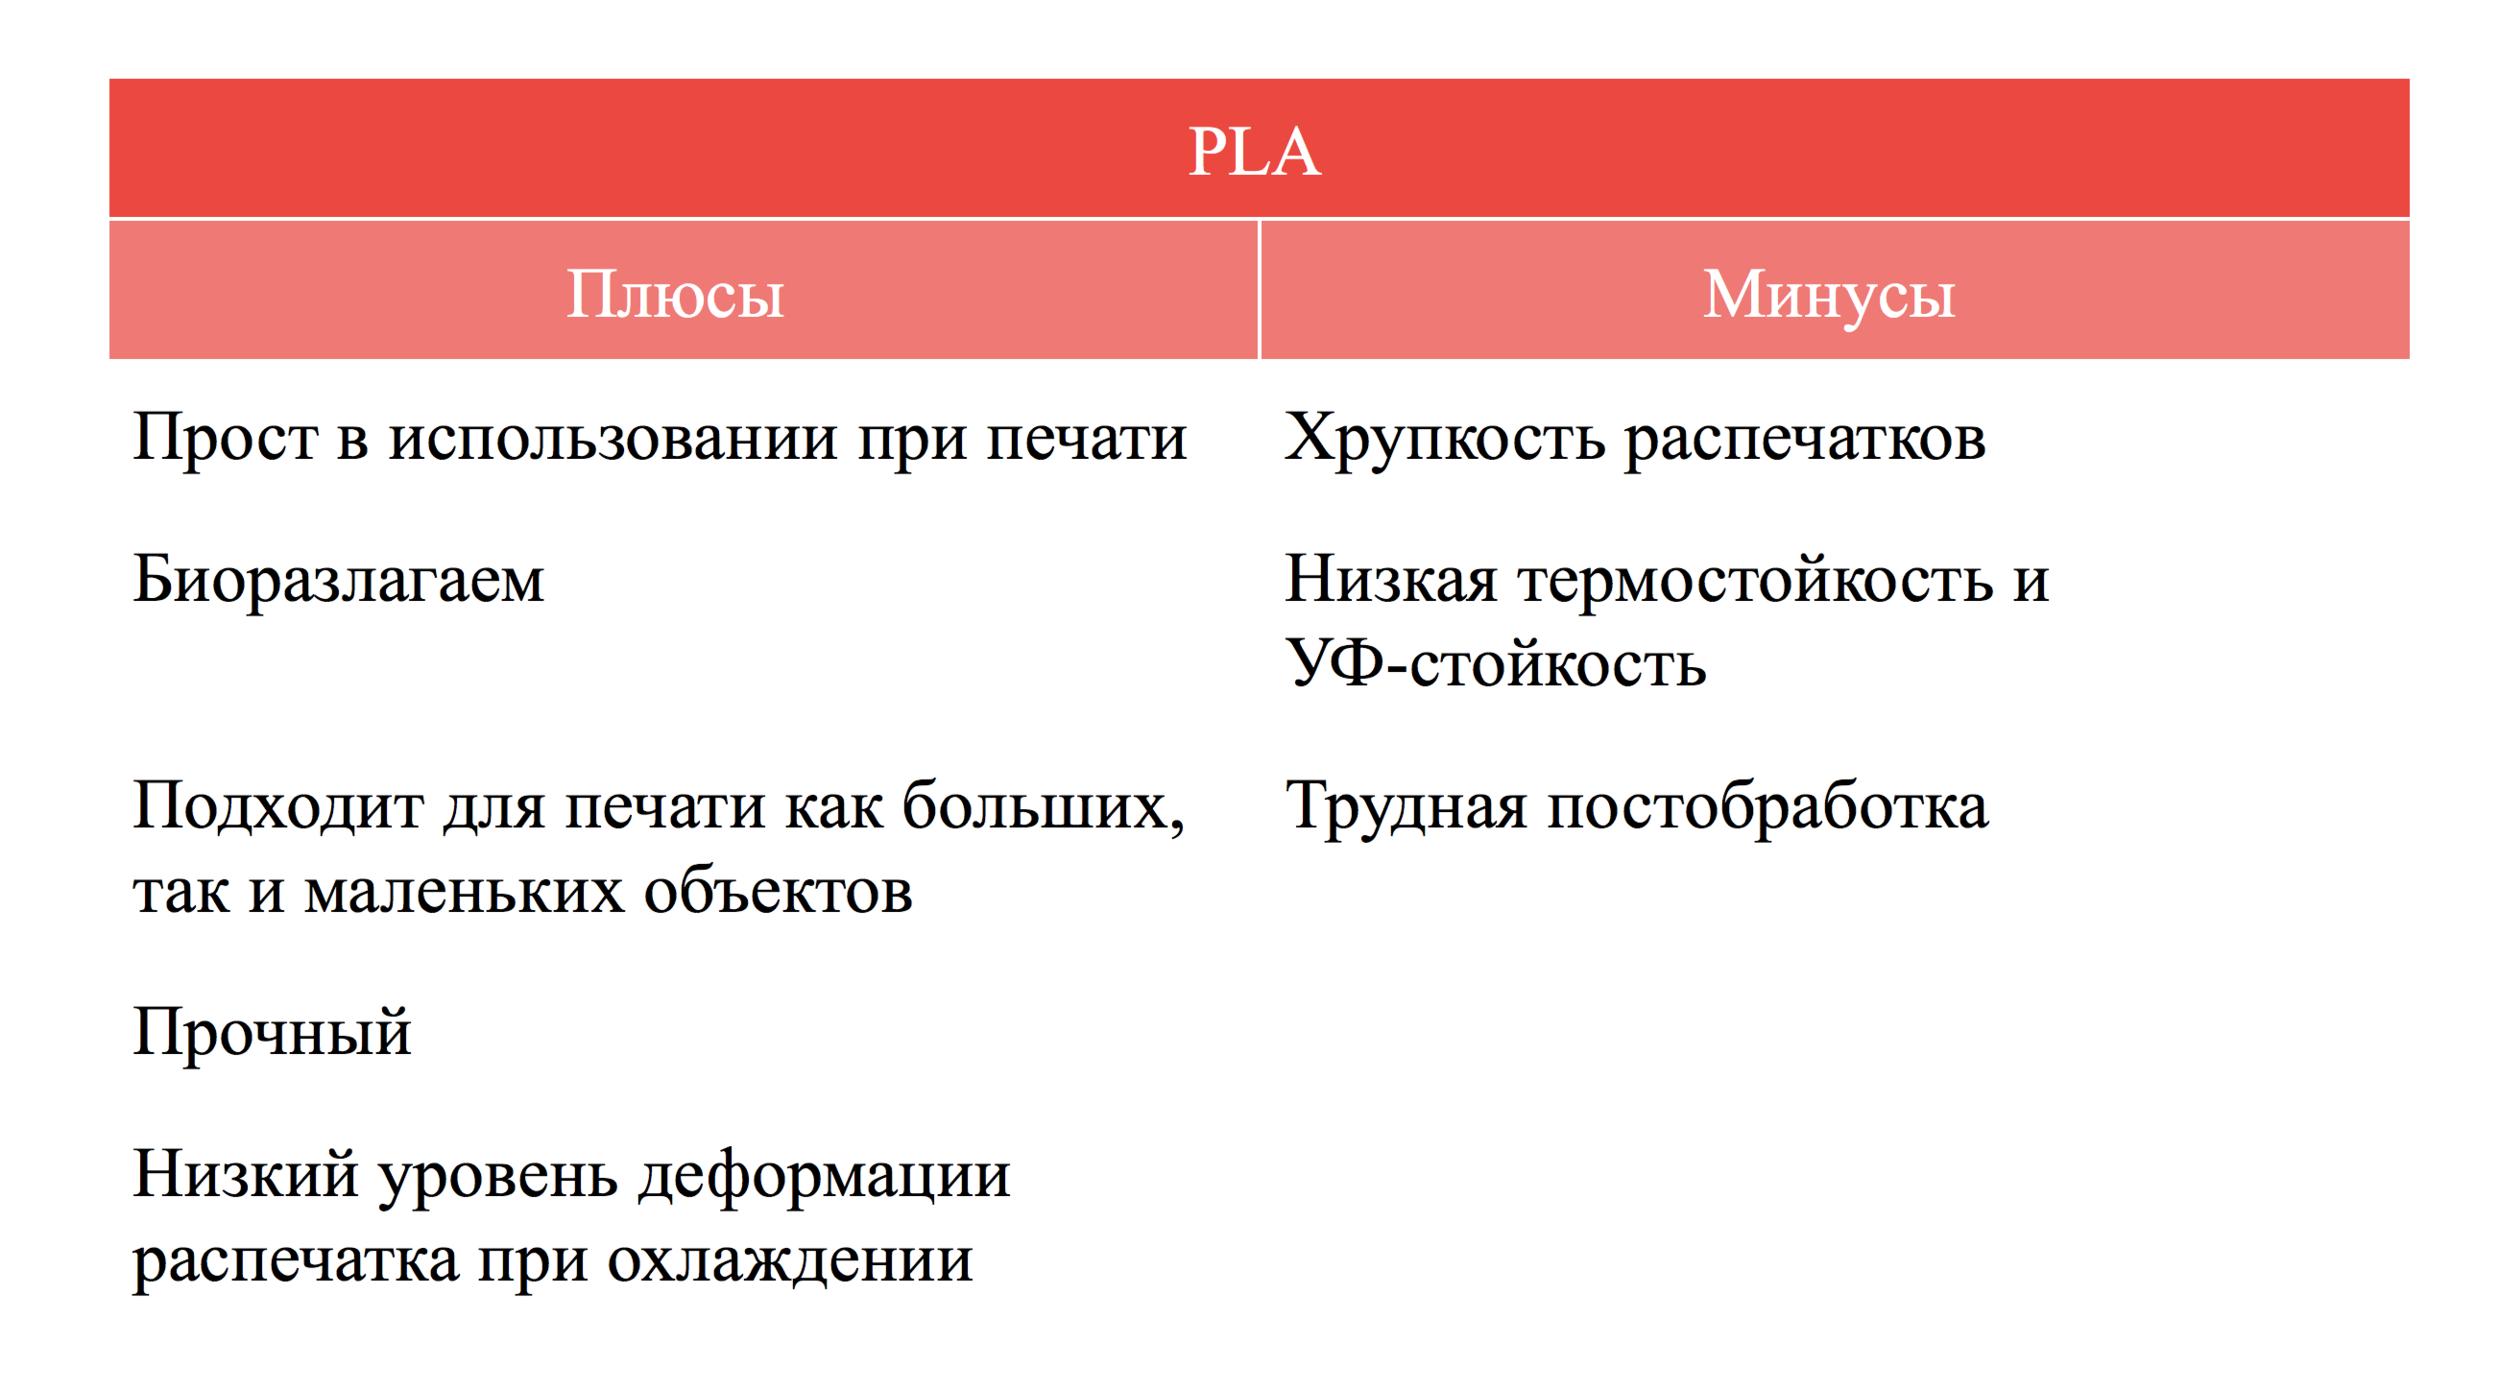 Плюсы и минусы PLA пластика qbed.space.png